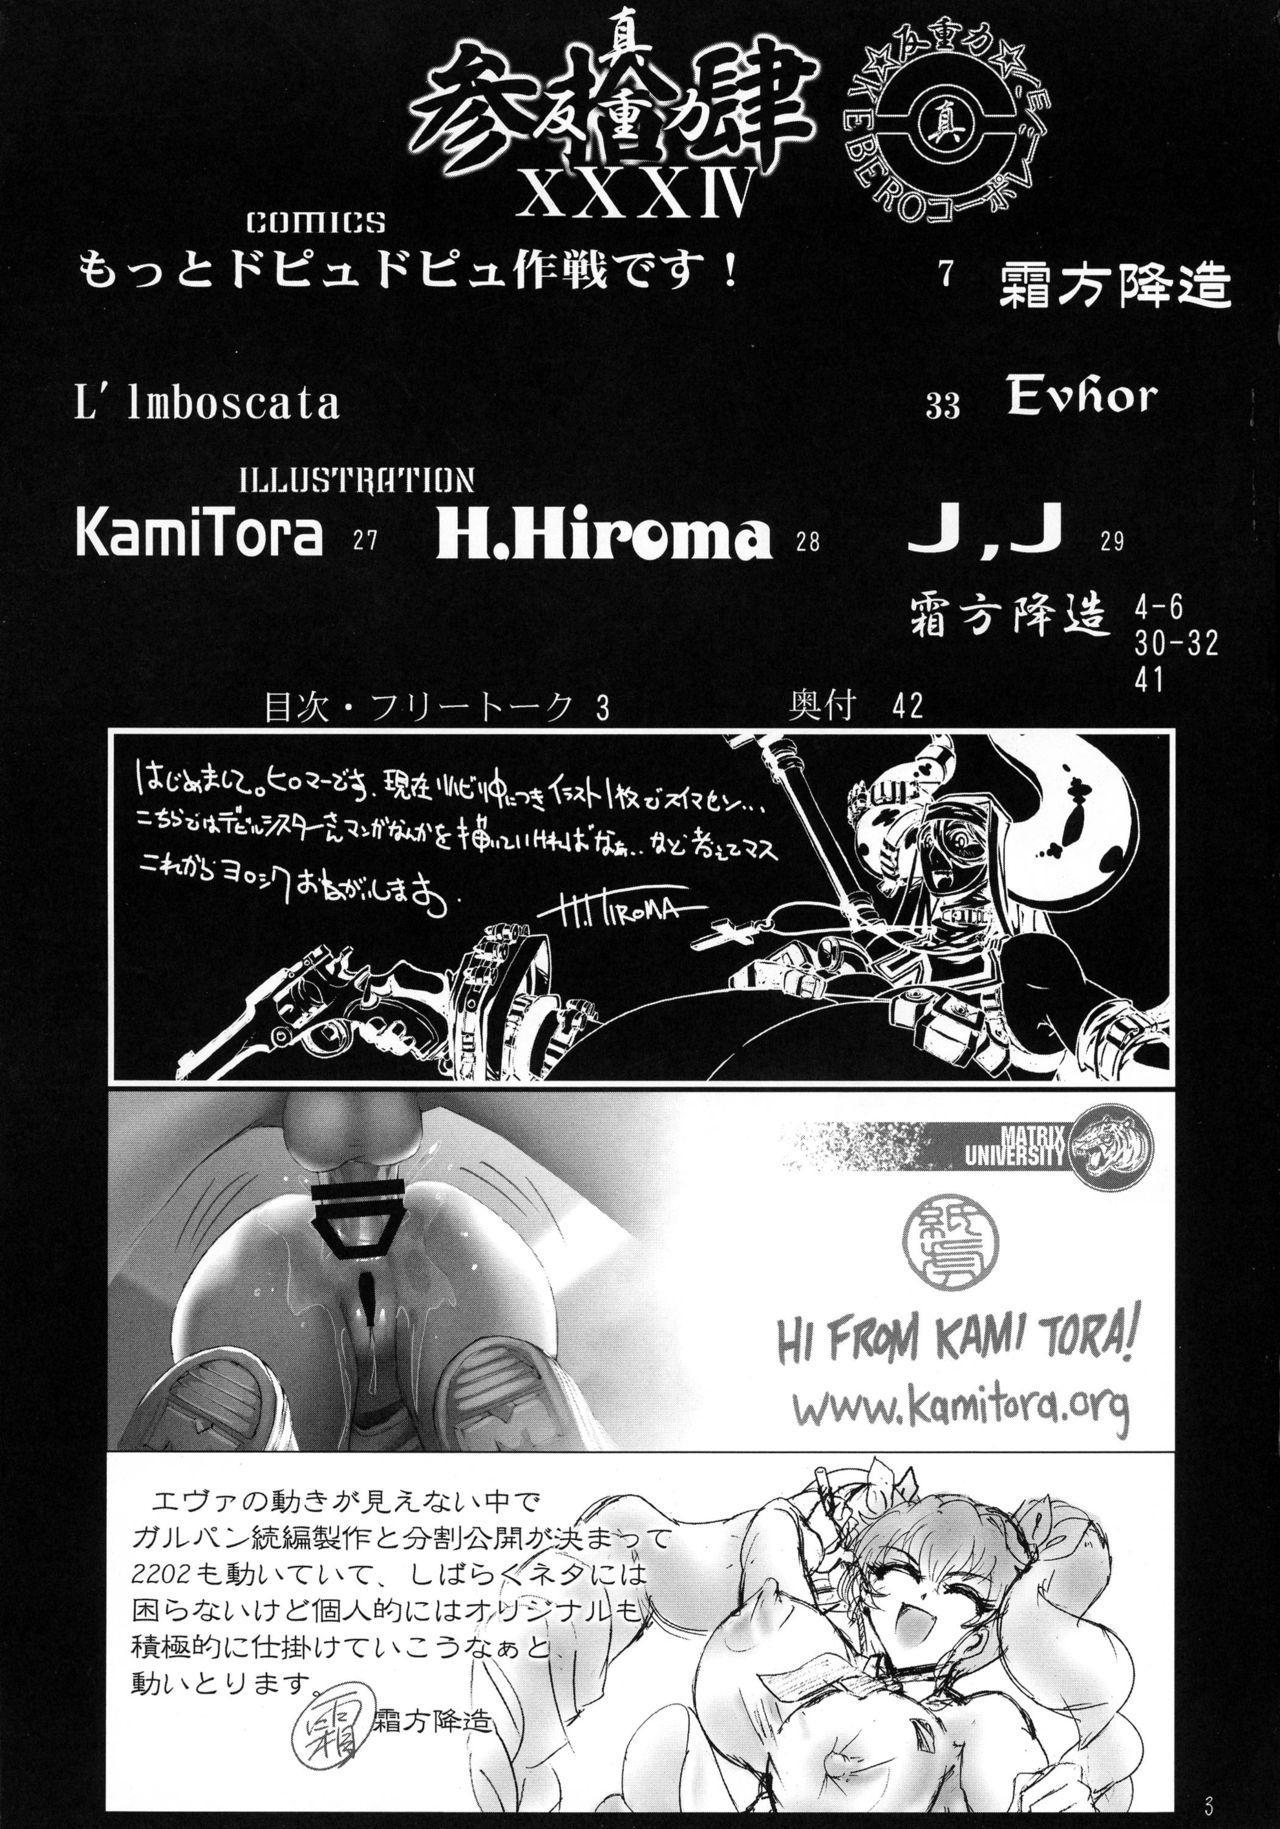 Shin Hanzyuuryoku 34 2